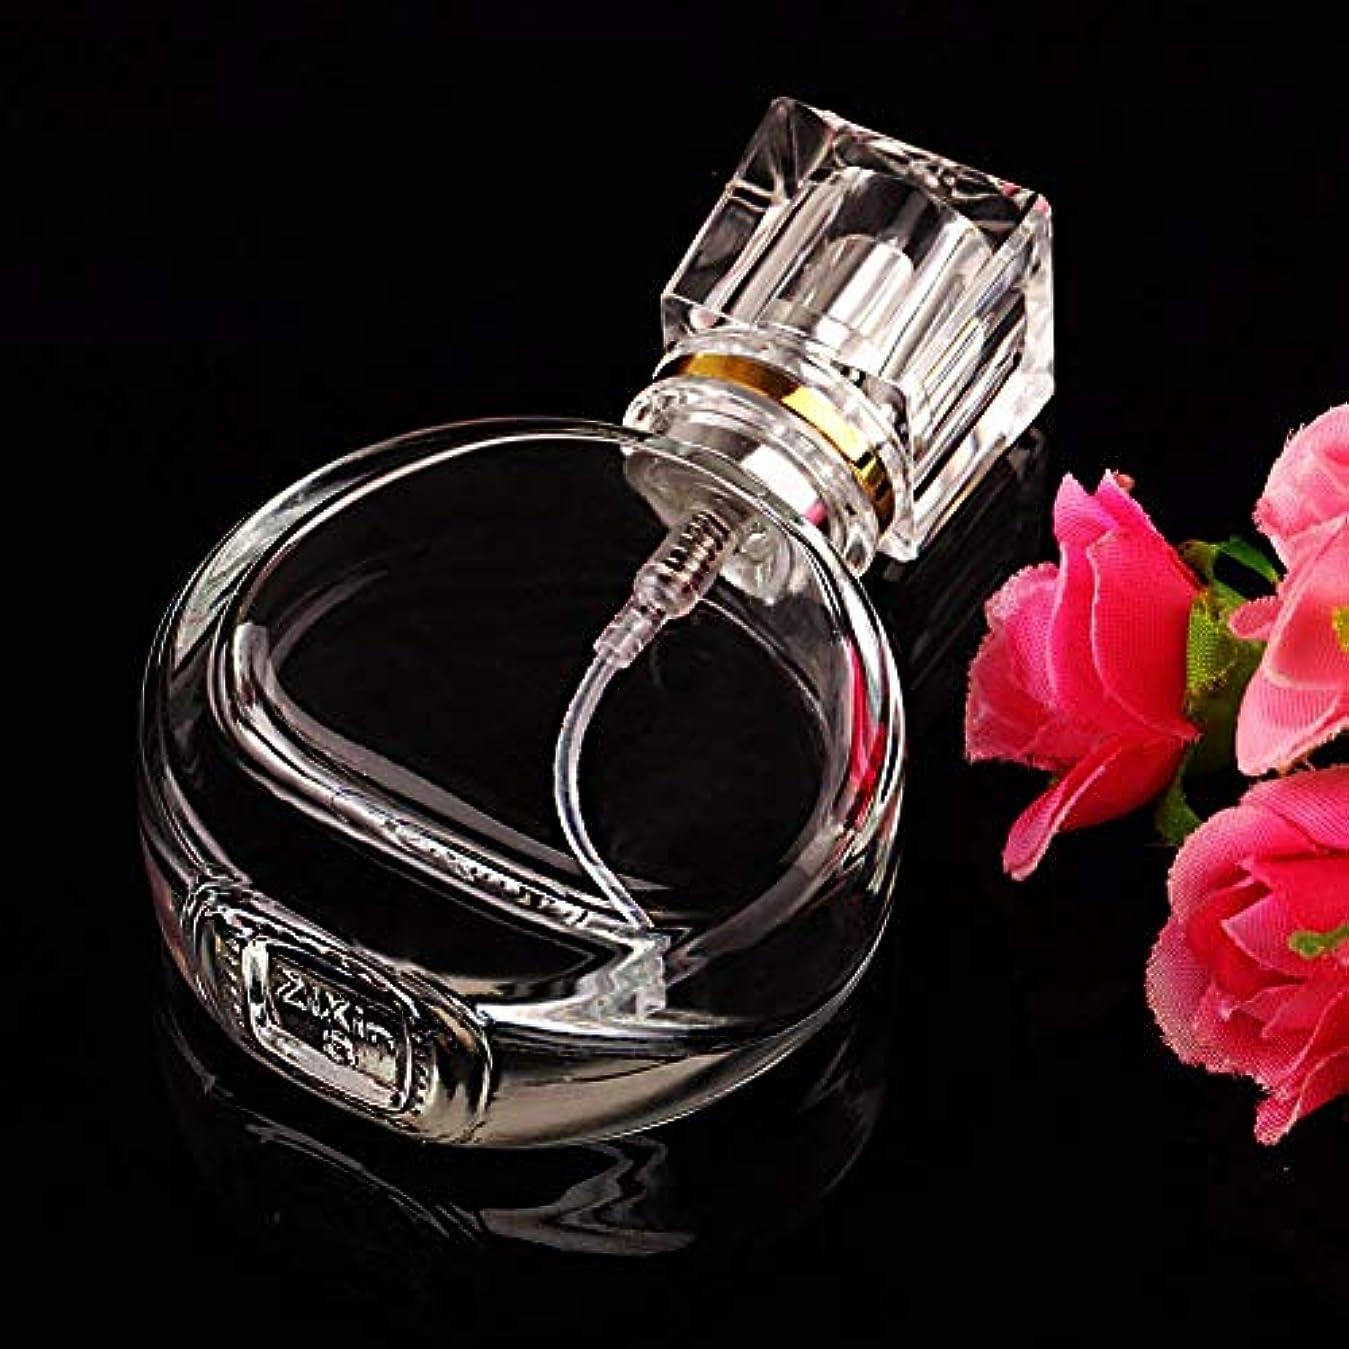 スケッチ遠え理由VERY100 高品質ガラスボトル 香水瓶  アトマイザー  25ML 透明 シンプルデザイン ホーム飾り 装飾雑貨